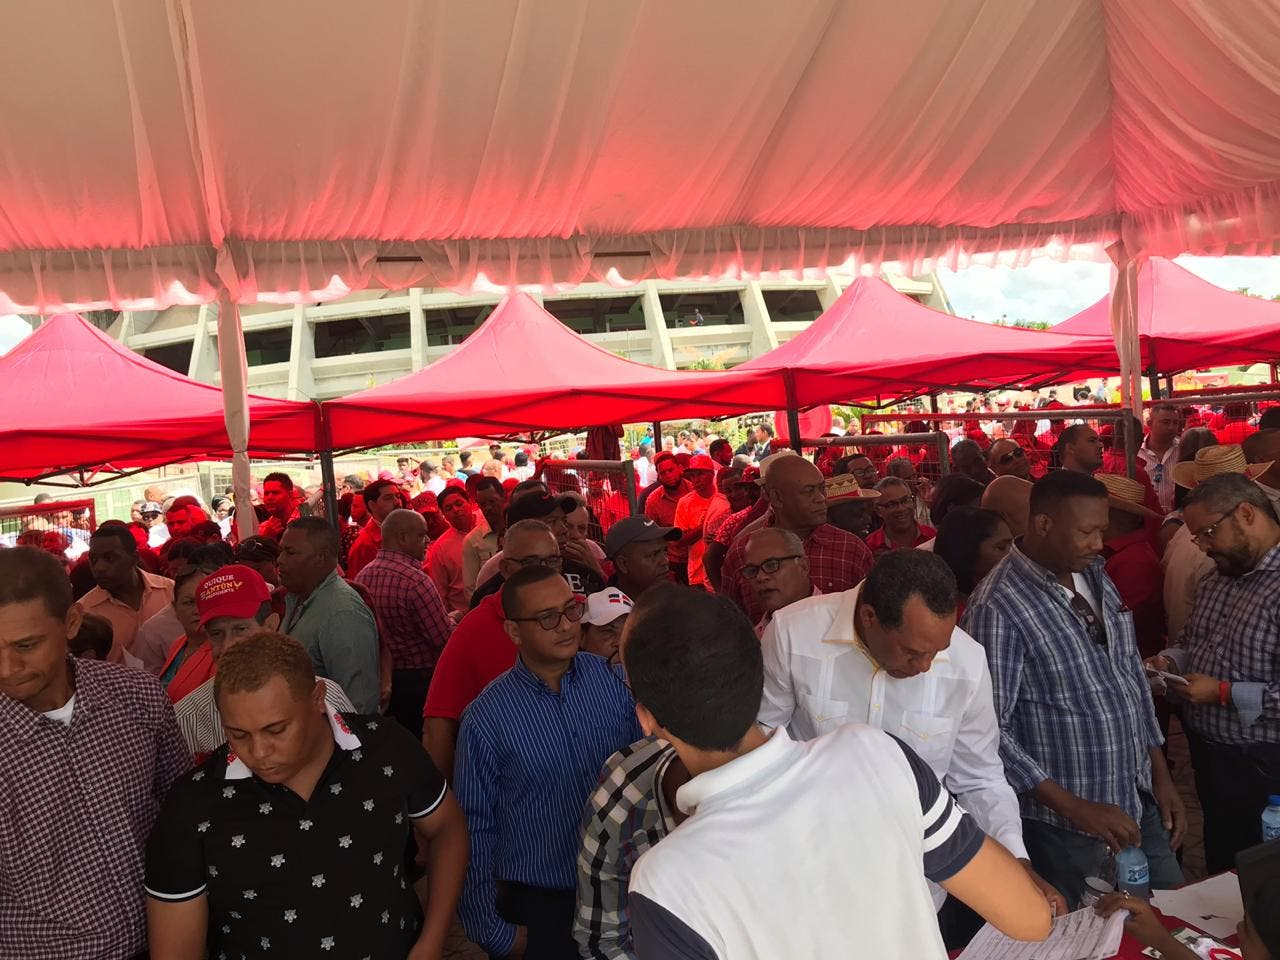 Los reformistas se registran para acceder al encuentro.